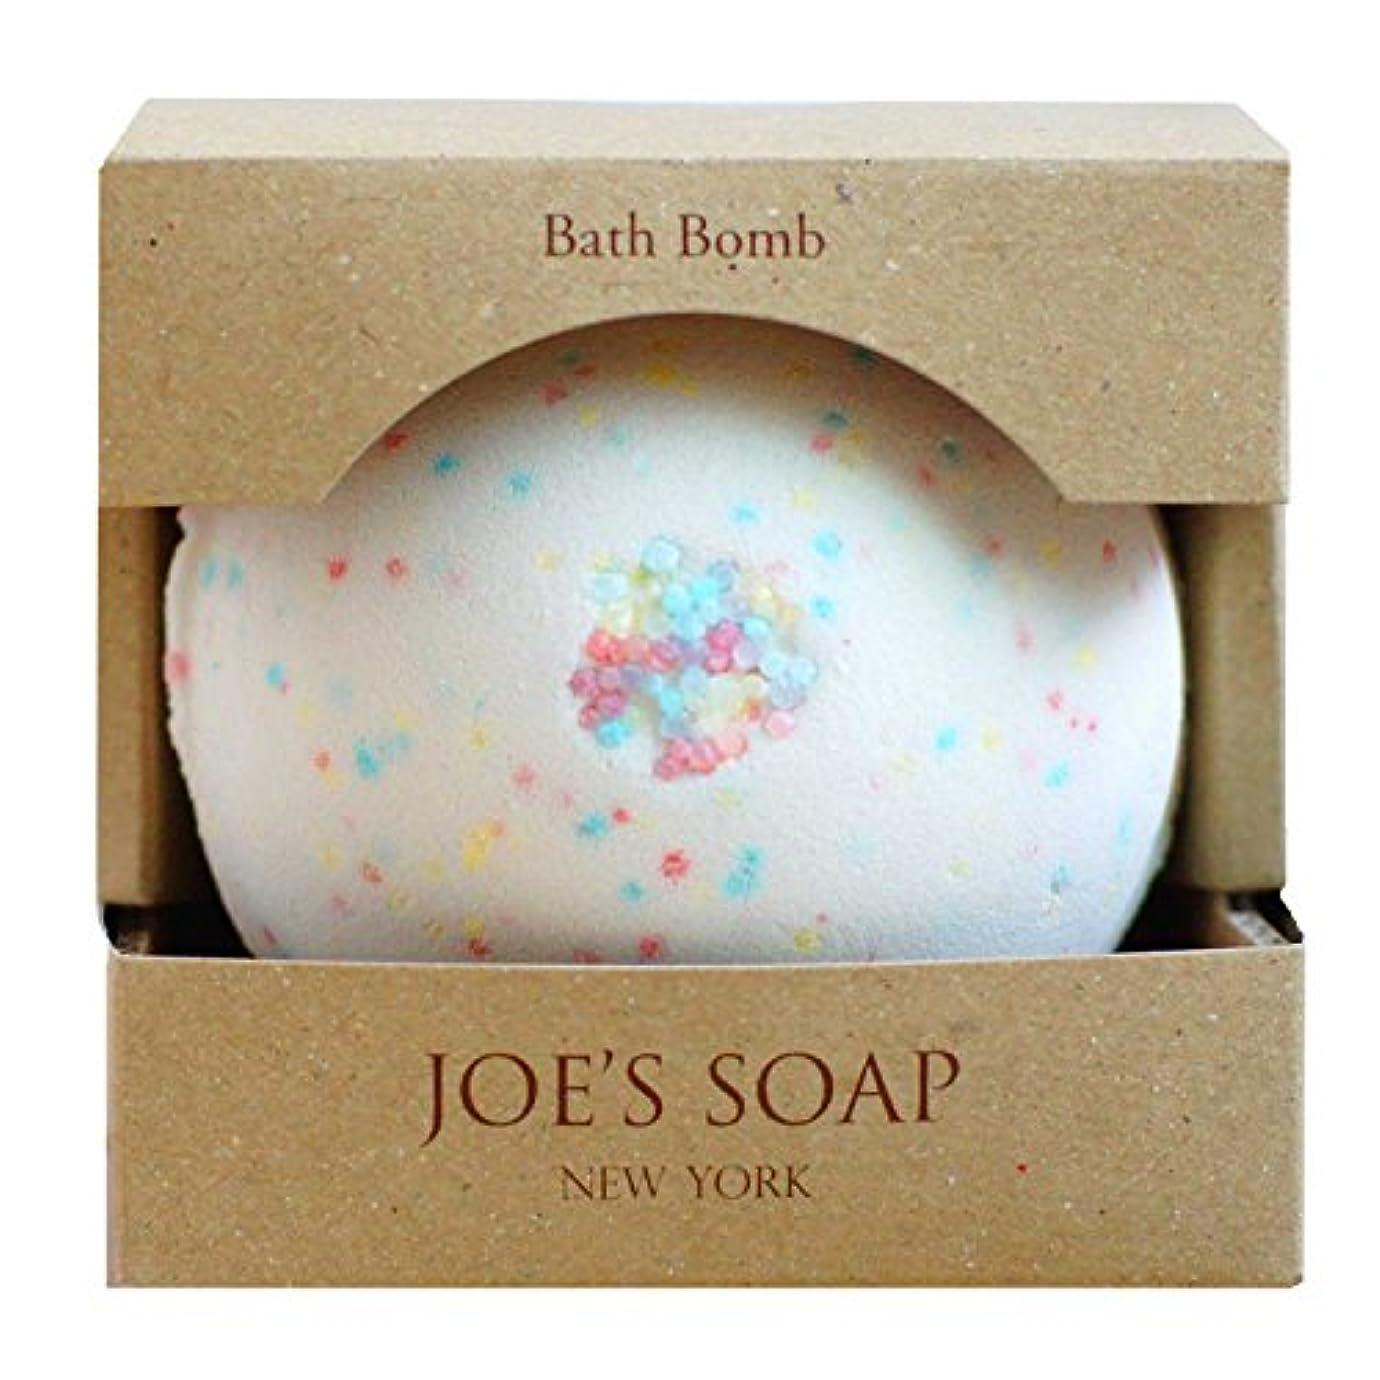 事務所ブルジョン側面JOE'S SOAP (ジョーズソープ) バスボム(BEAUTY) バスボール 入浴剤 保湿 ボディケア スキンケア オリーブオイル はちみつ フト プレゼント